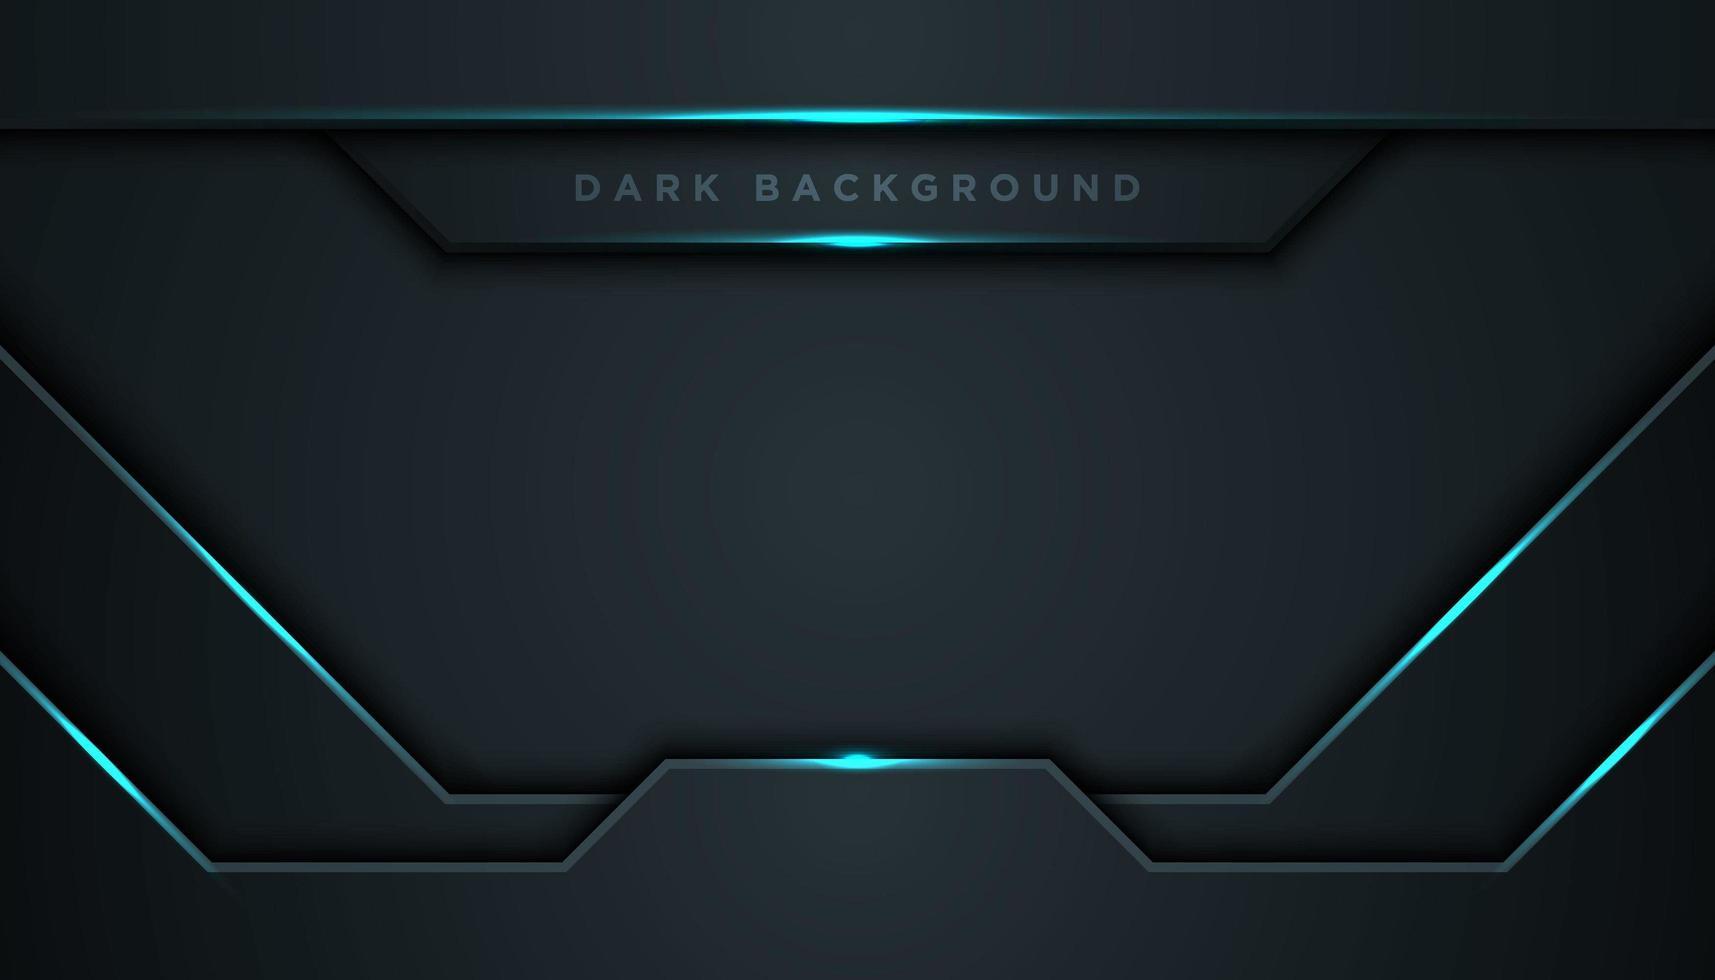 linee blu brillanti geometriche nere astratte vettore